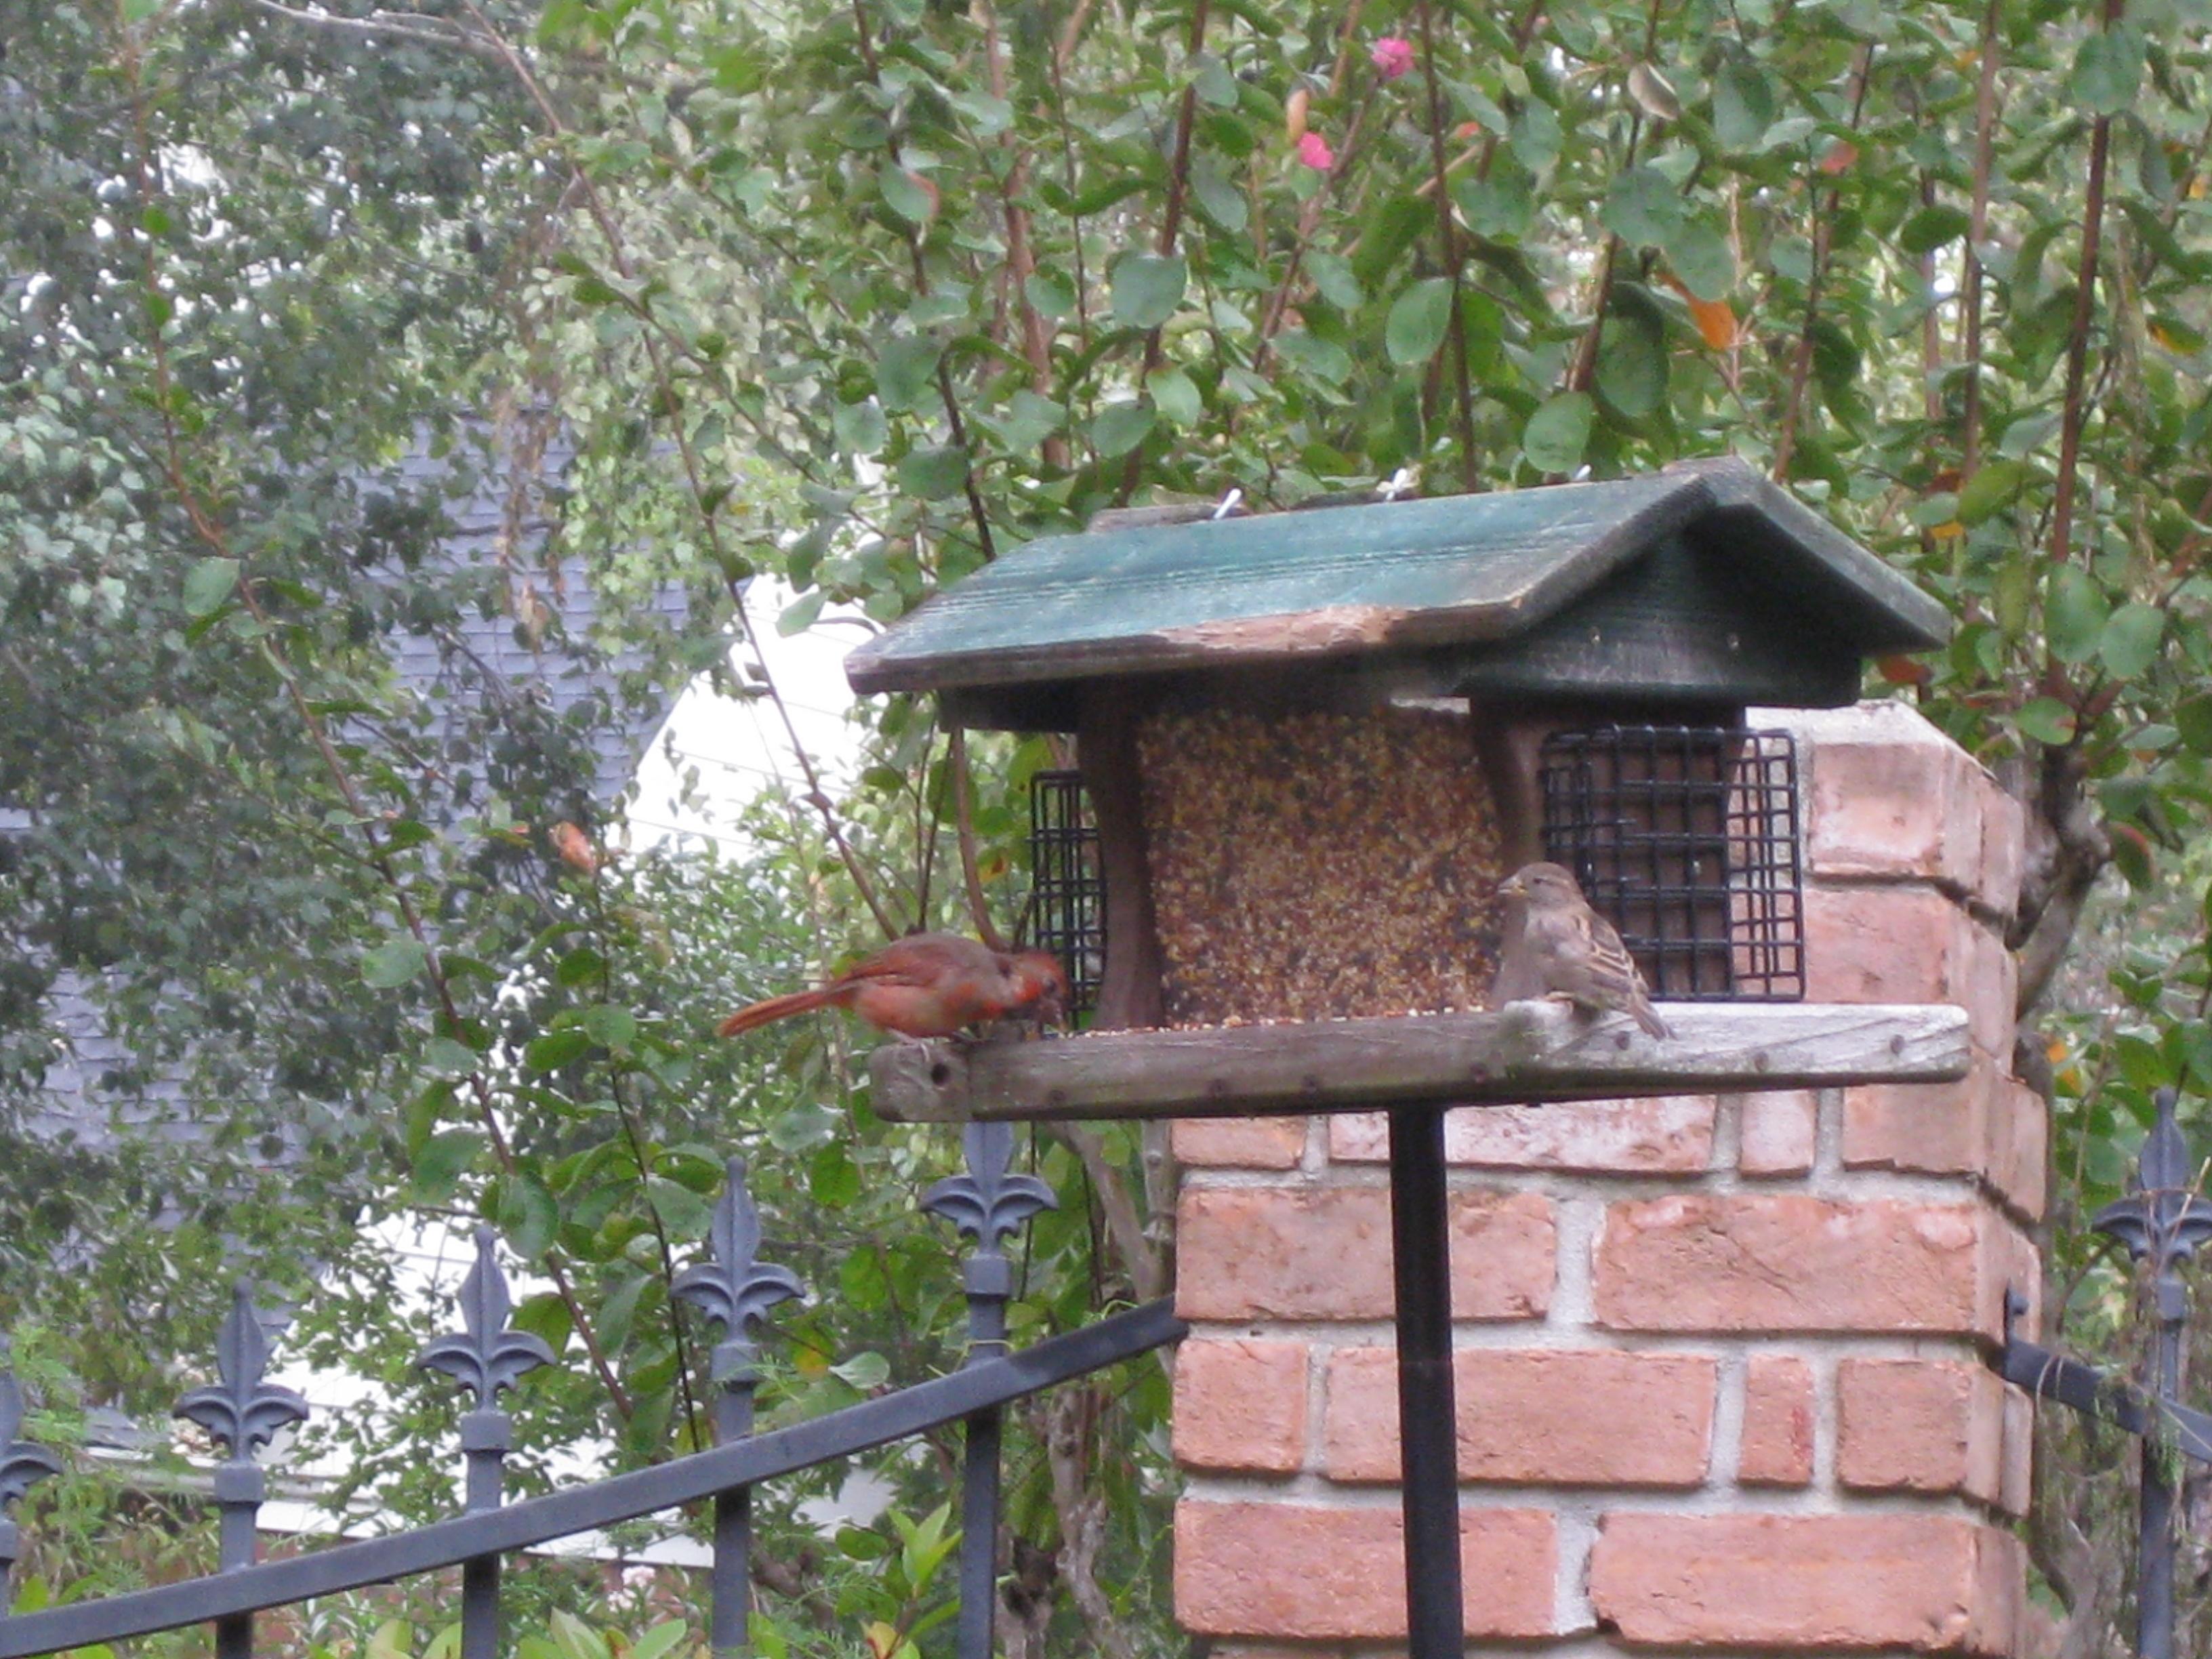 sharing at the feeder Sat. morning